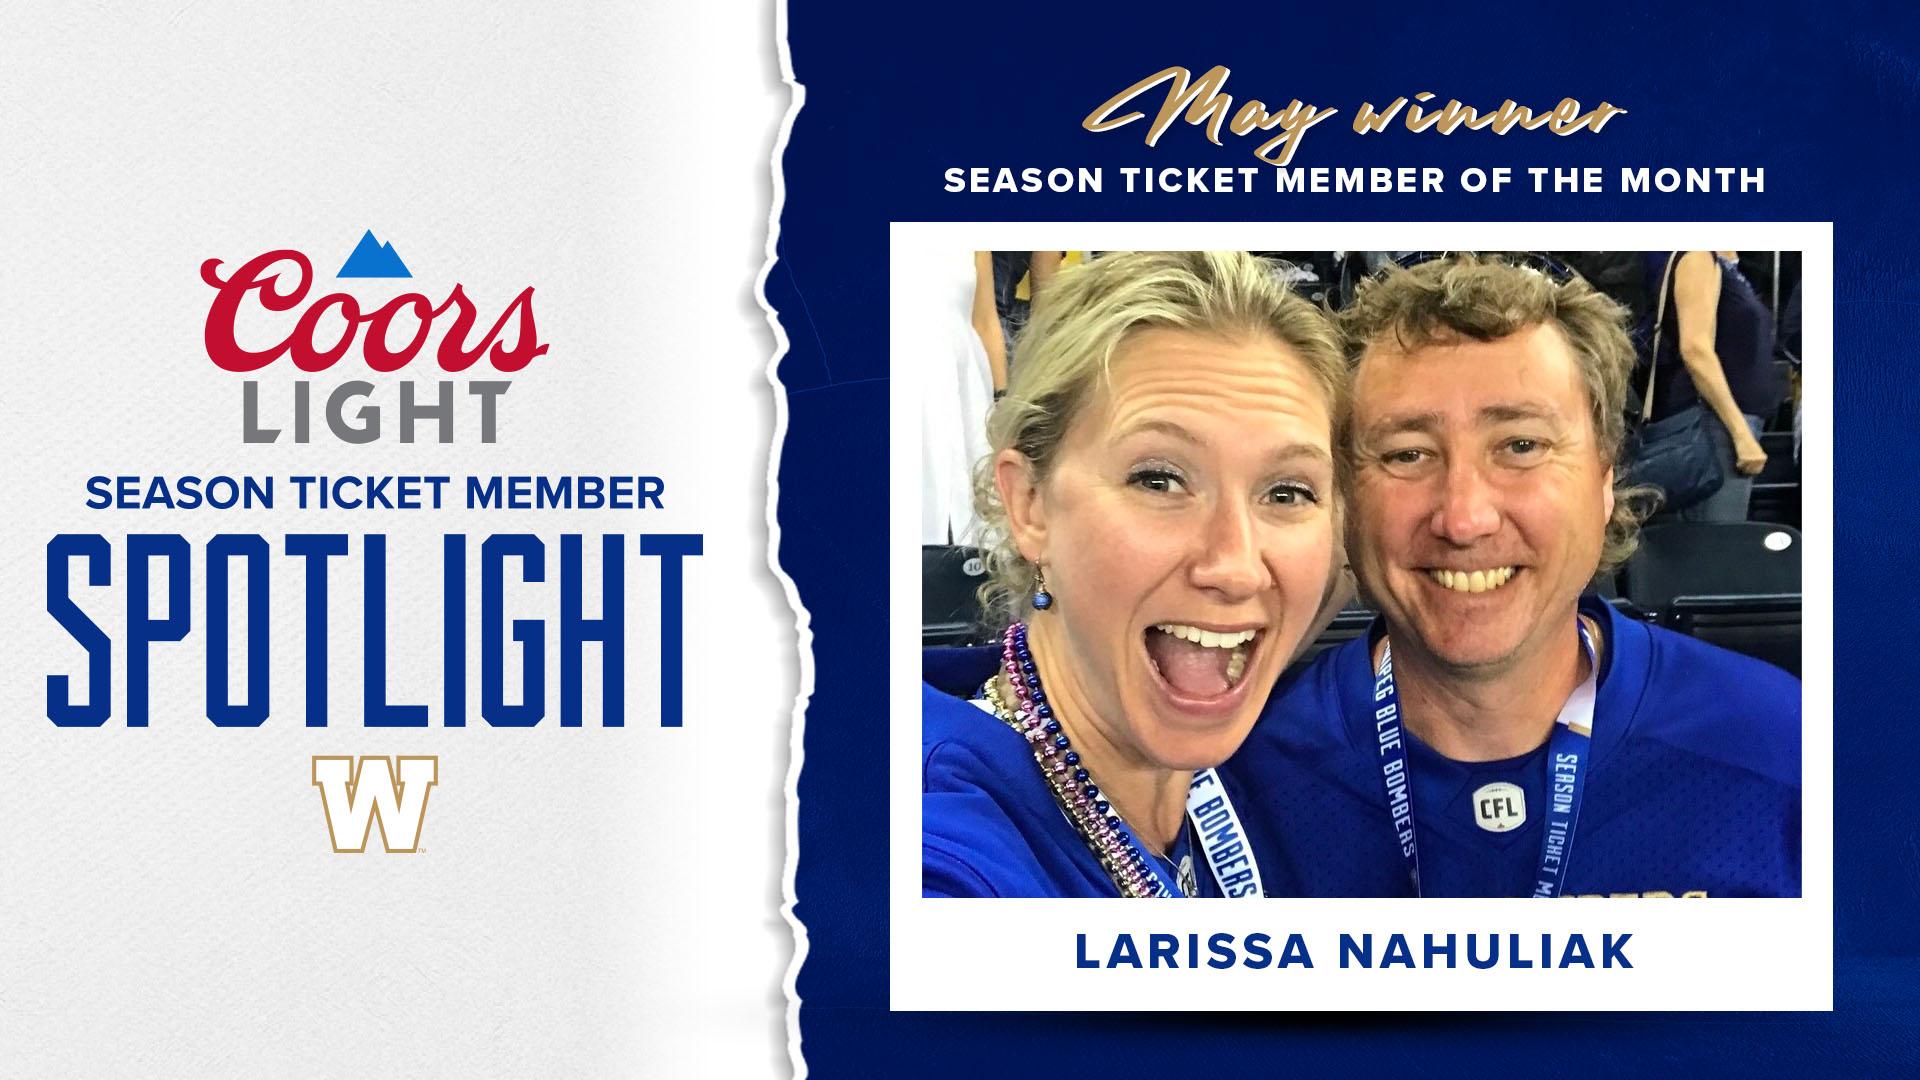 Coors Light Season Ticket Member Spotlight - May Winner